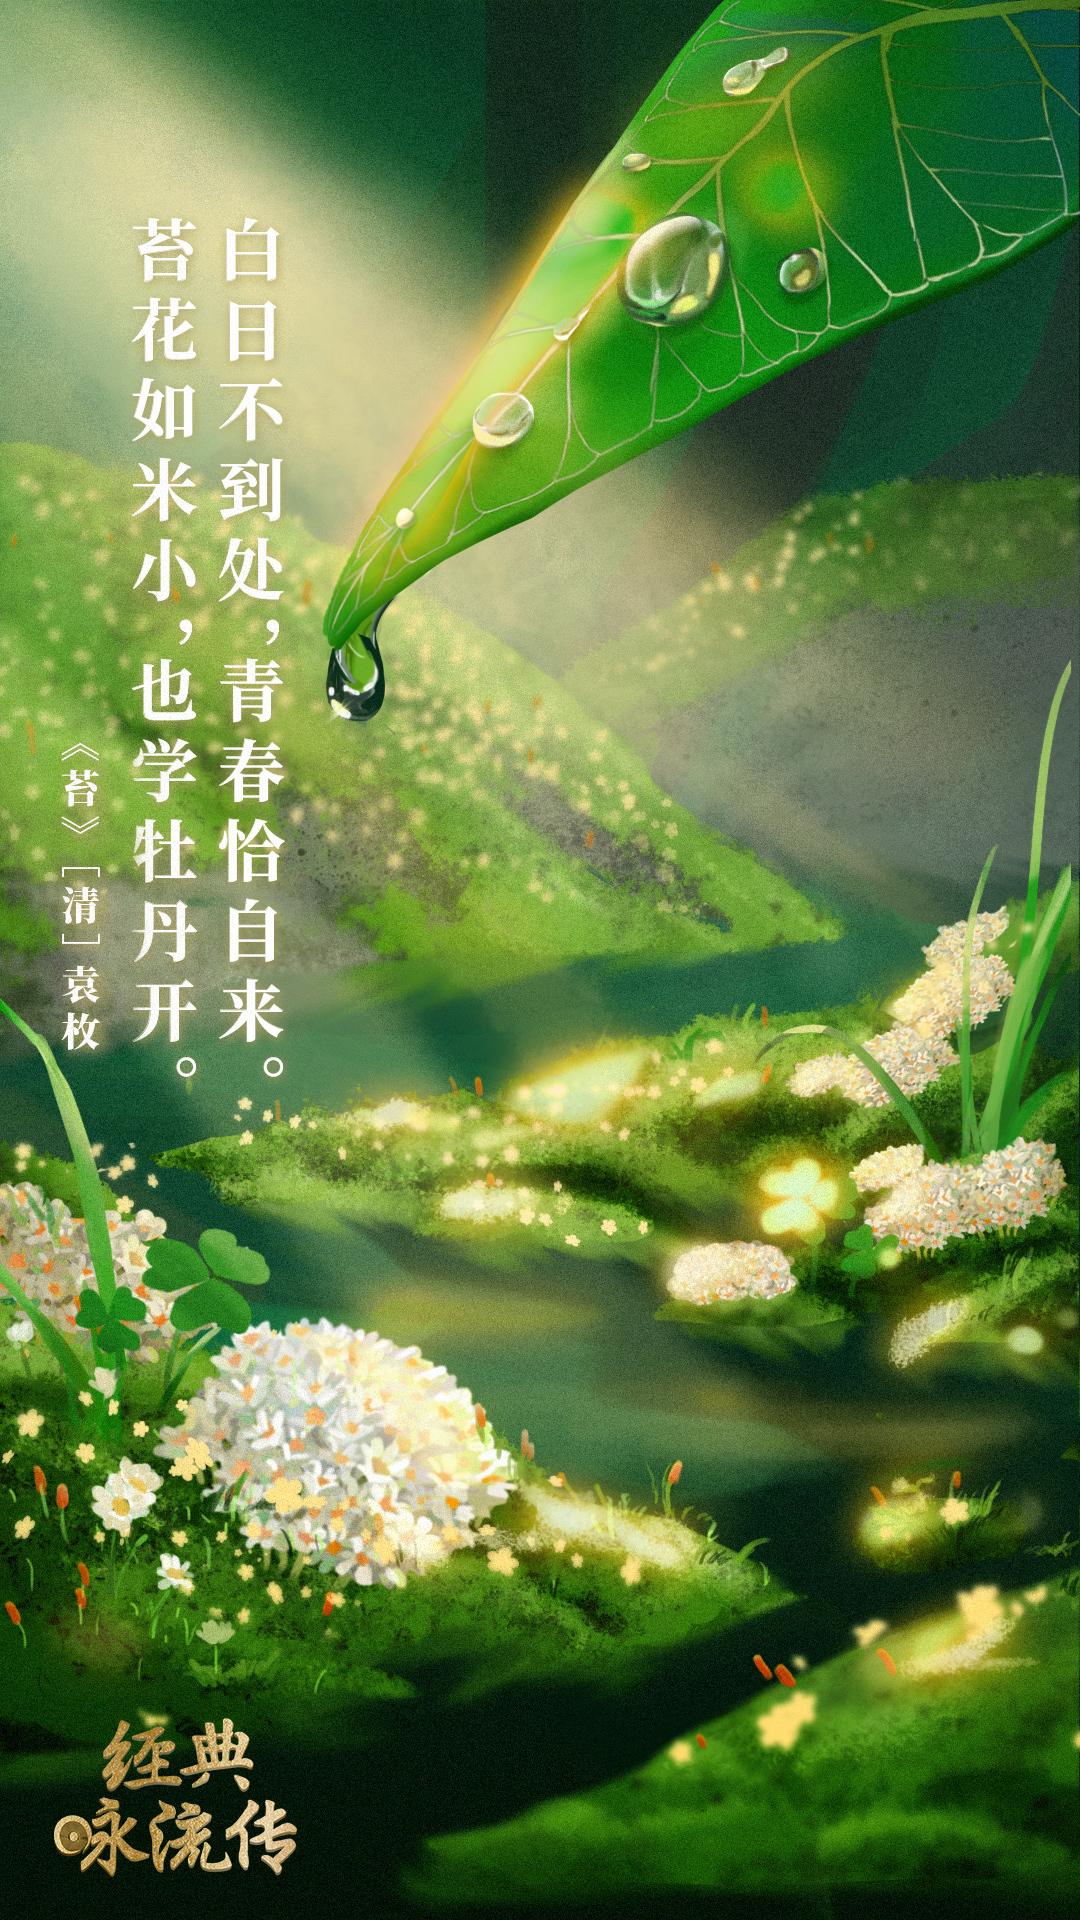 《经典咏流传》诗词意境海报合集 欣赏-第25张